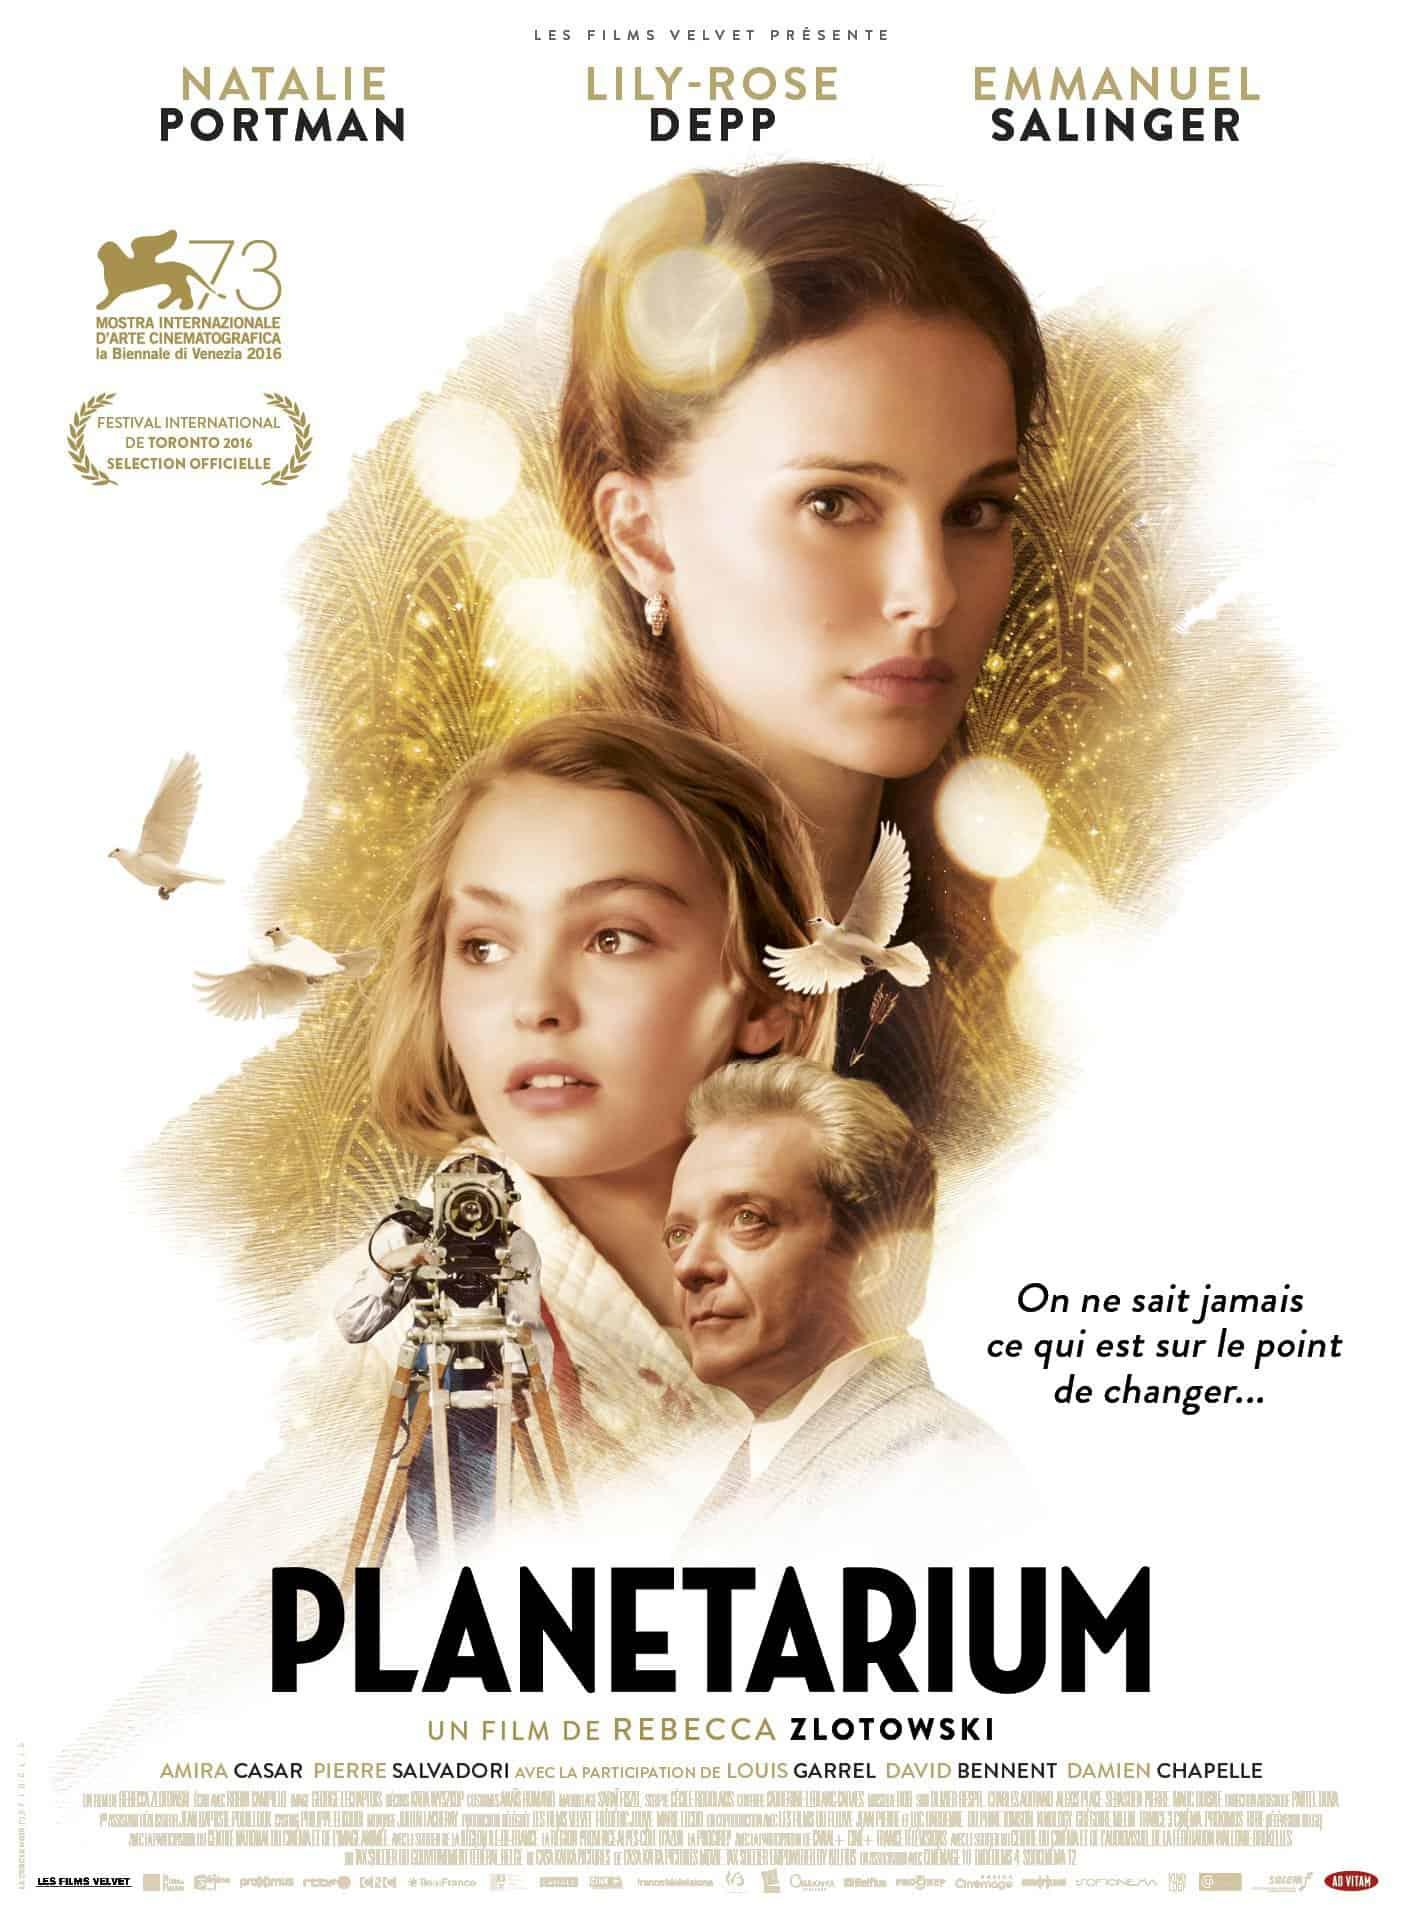 planetarium: 5 curiosità